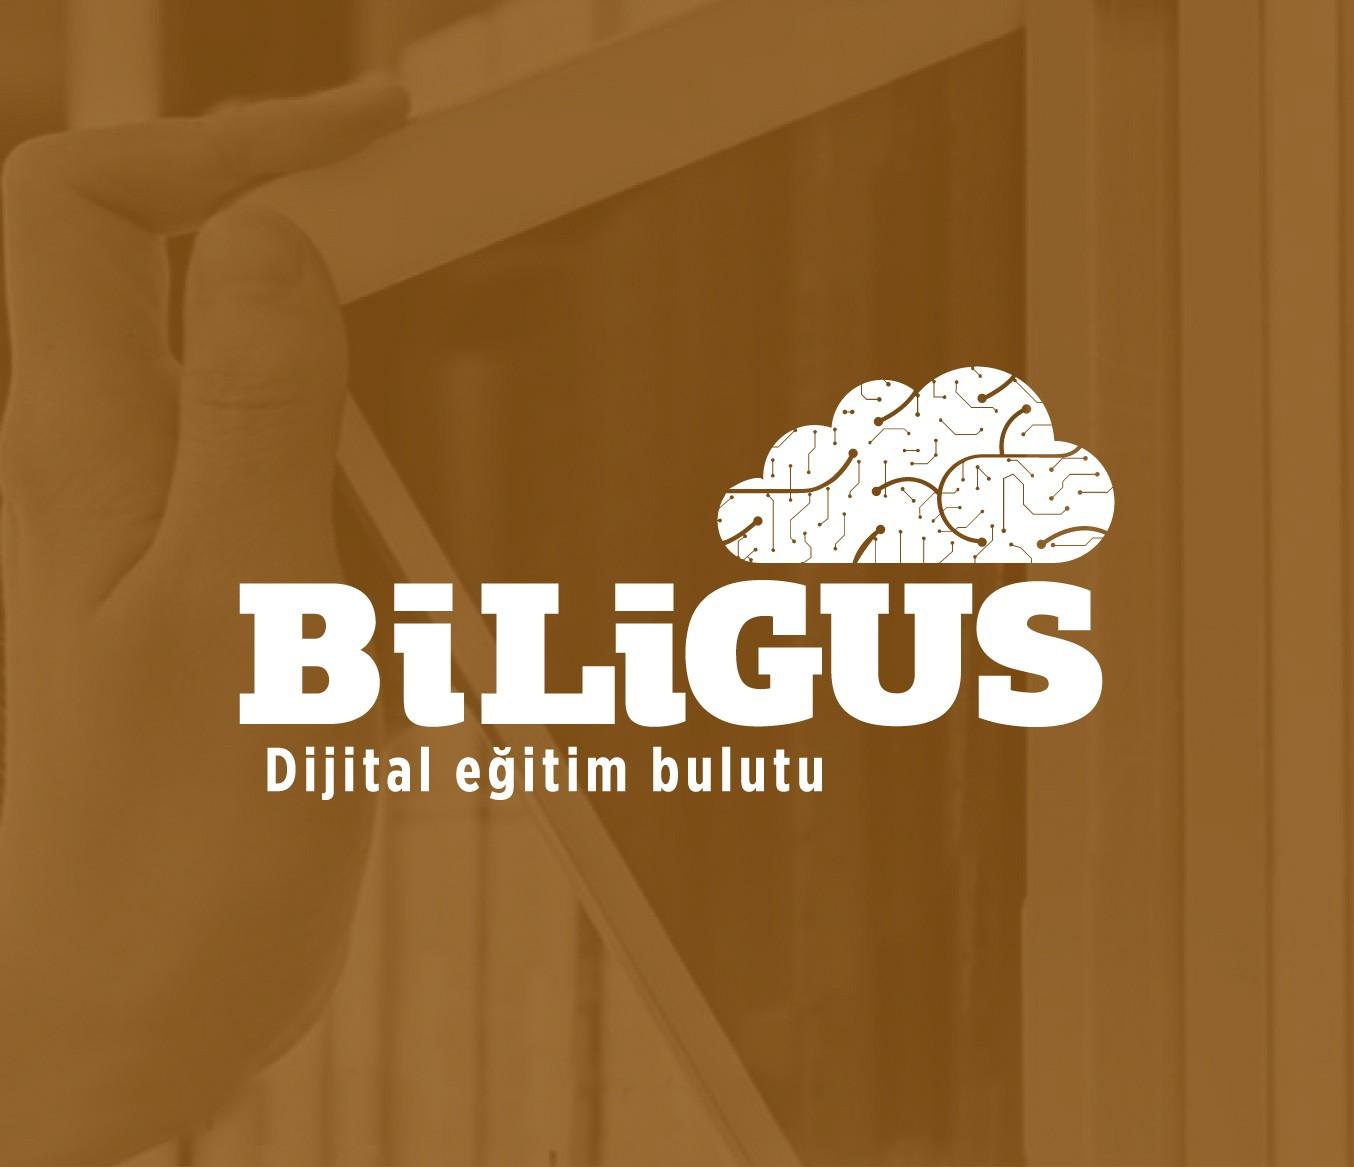 BİLİGUS - ÖZER YAYINLARI